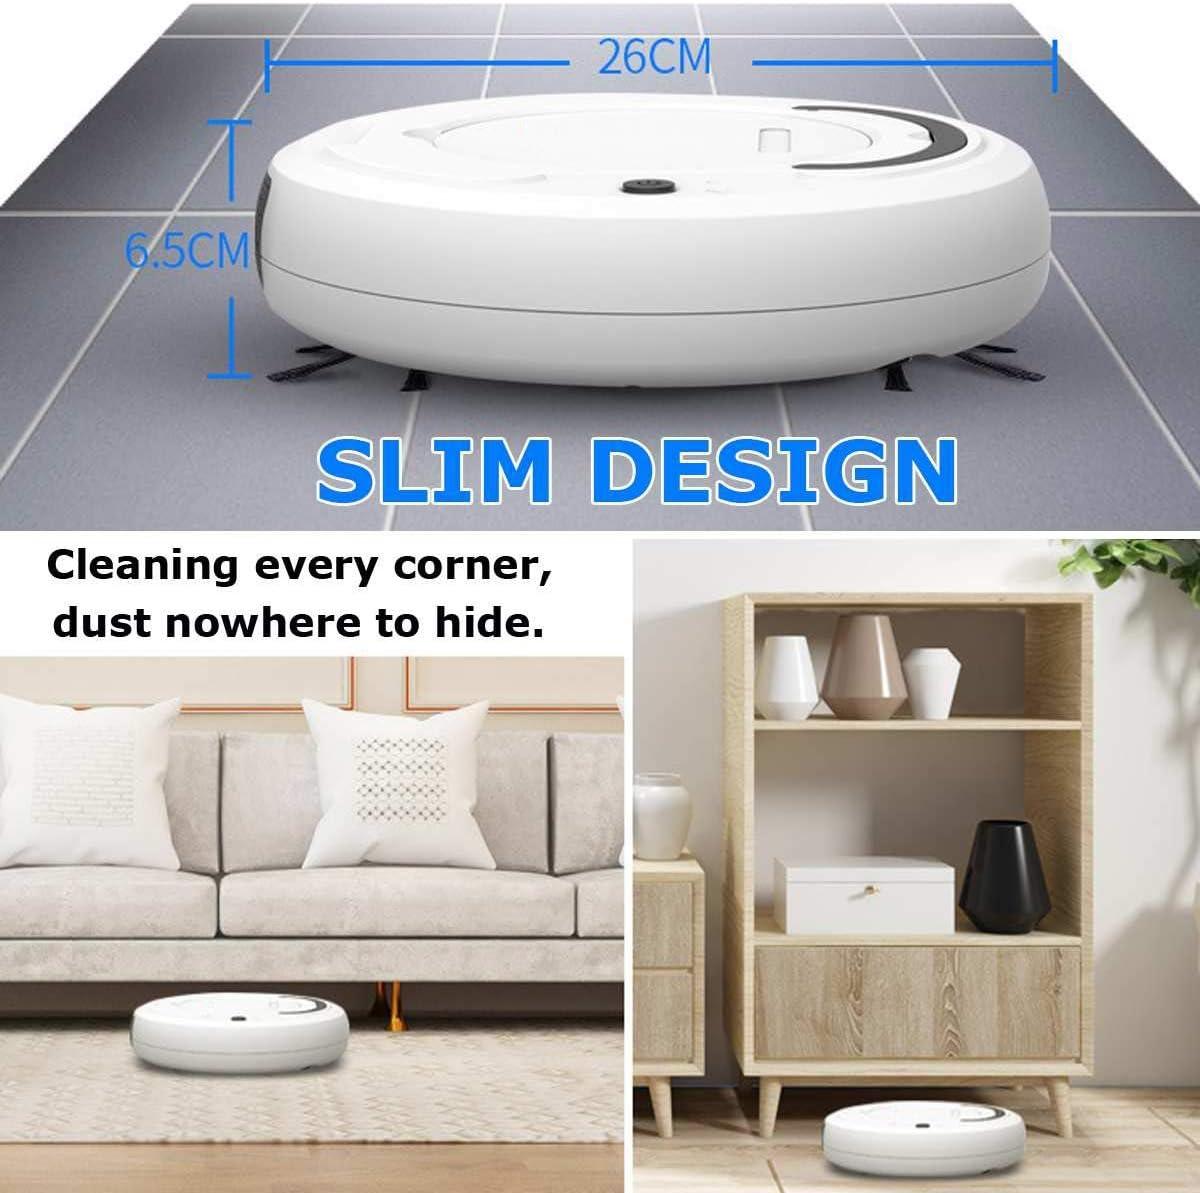 LSXUE Ricaricabile Intelligente casa Automatica Clean spazzamento Robot Aspirapolvere Piano Aspirapolvere Dirt dei Capelli della Polvere di Pulizia Sweeper (Color : Gray) Black